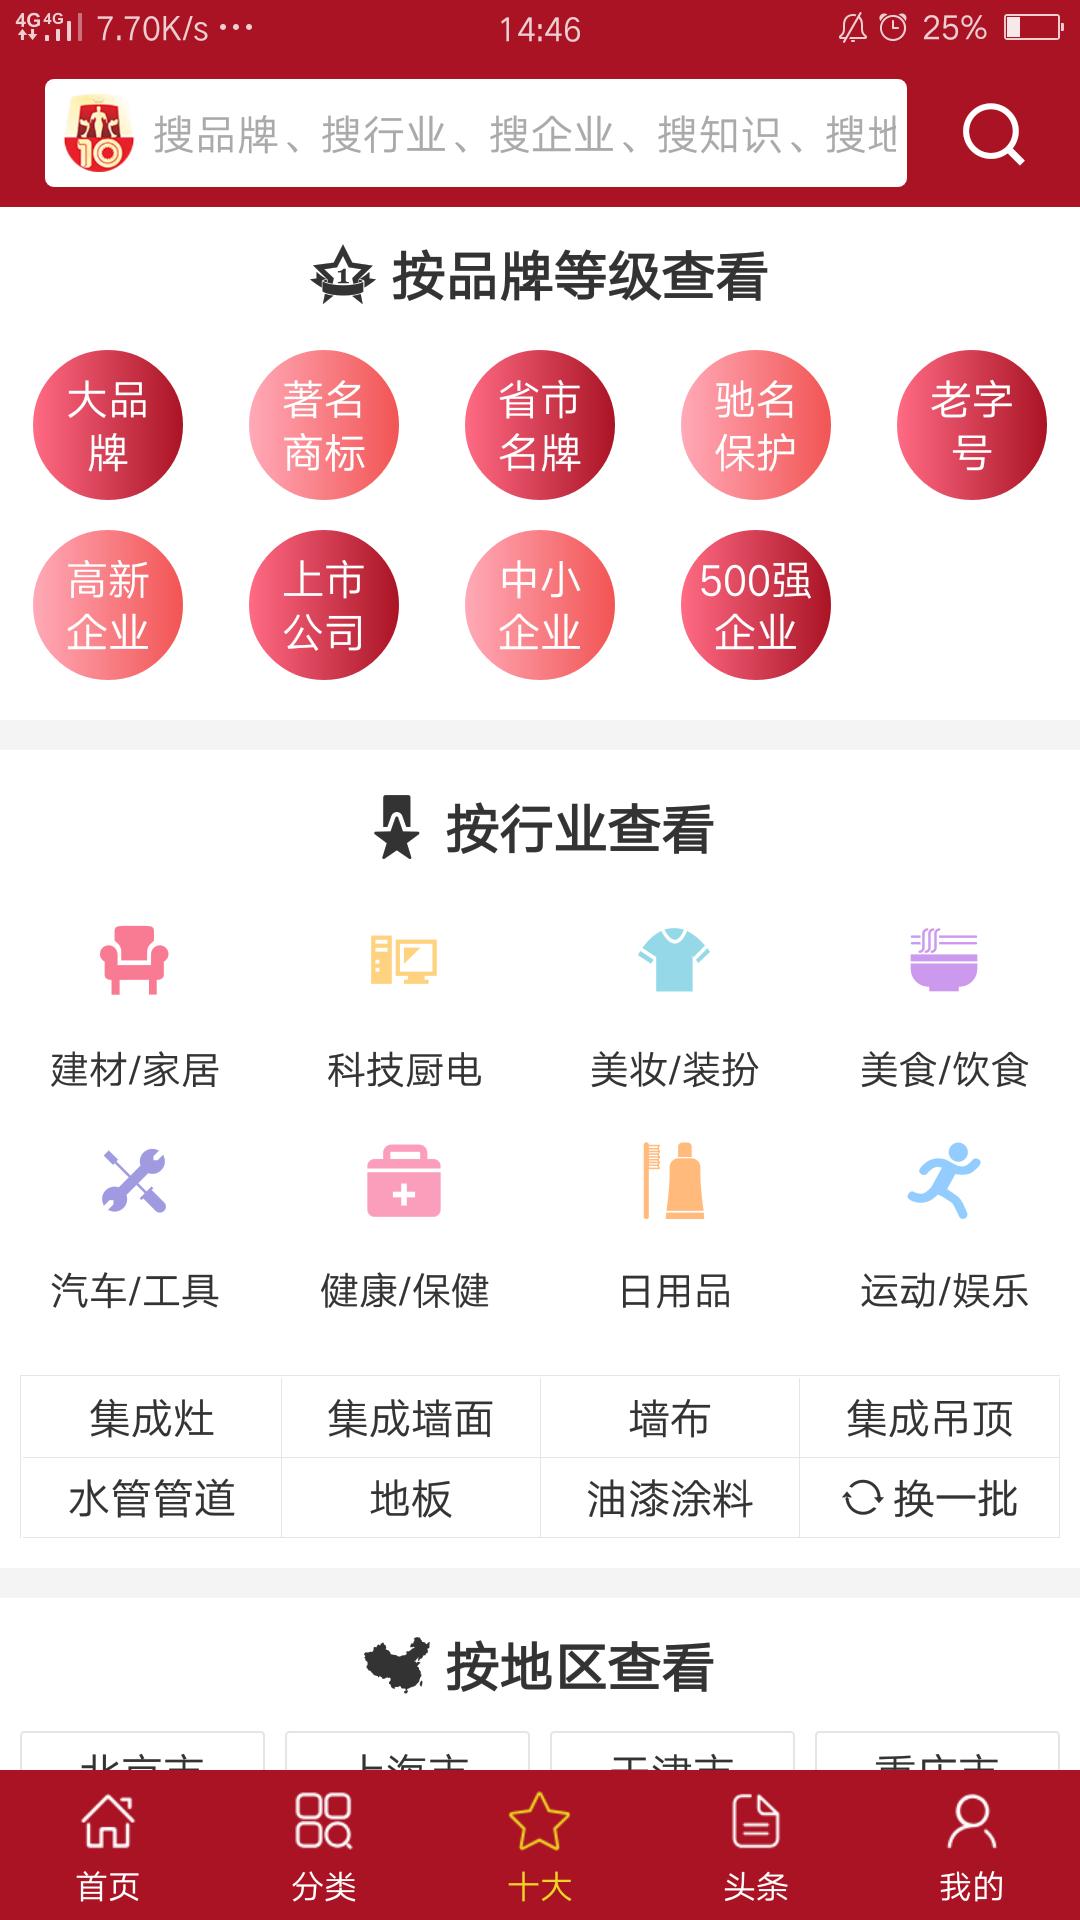 十大品牌网 V4.1.0 安卓版截图2